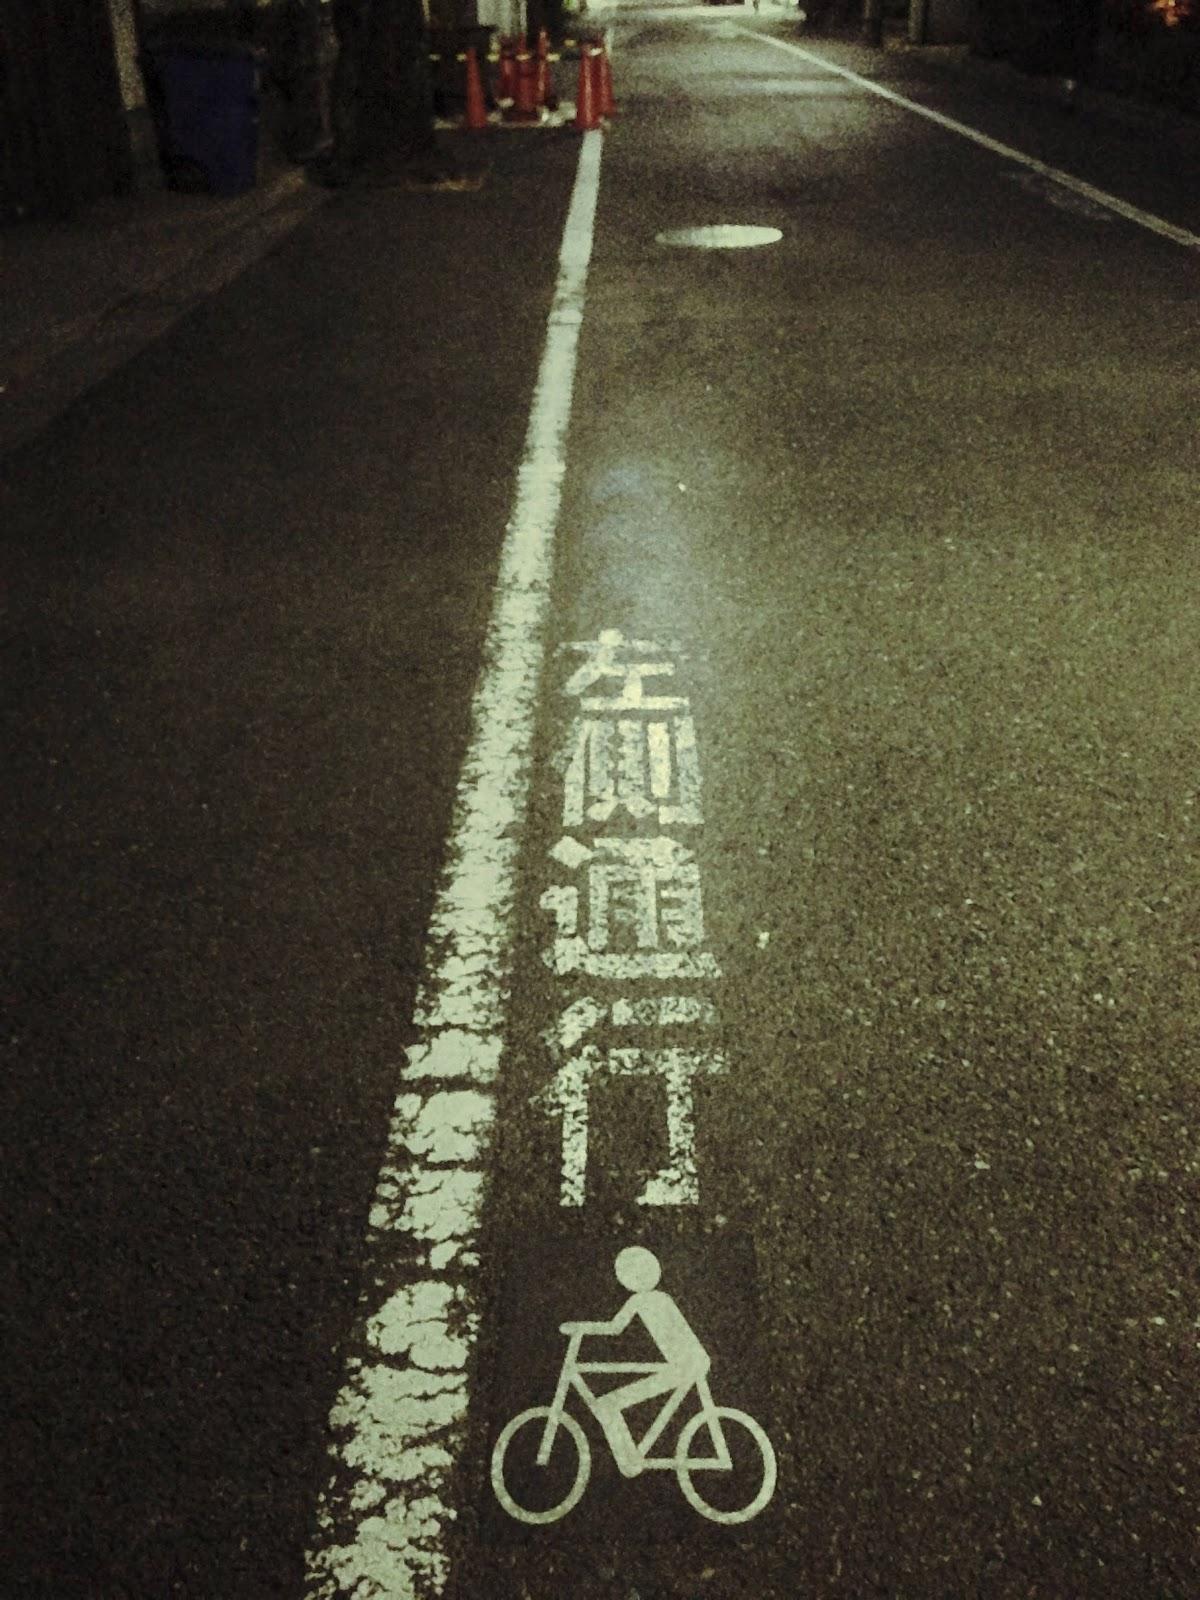 ... の屋形風呂: 自転車は左側通行